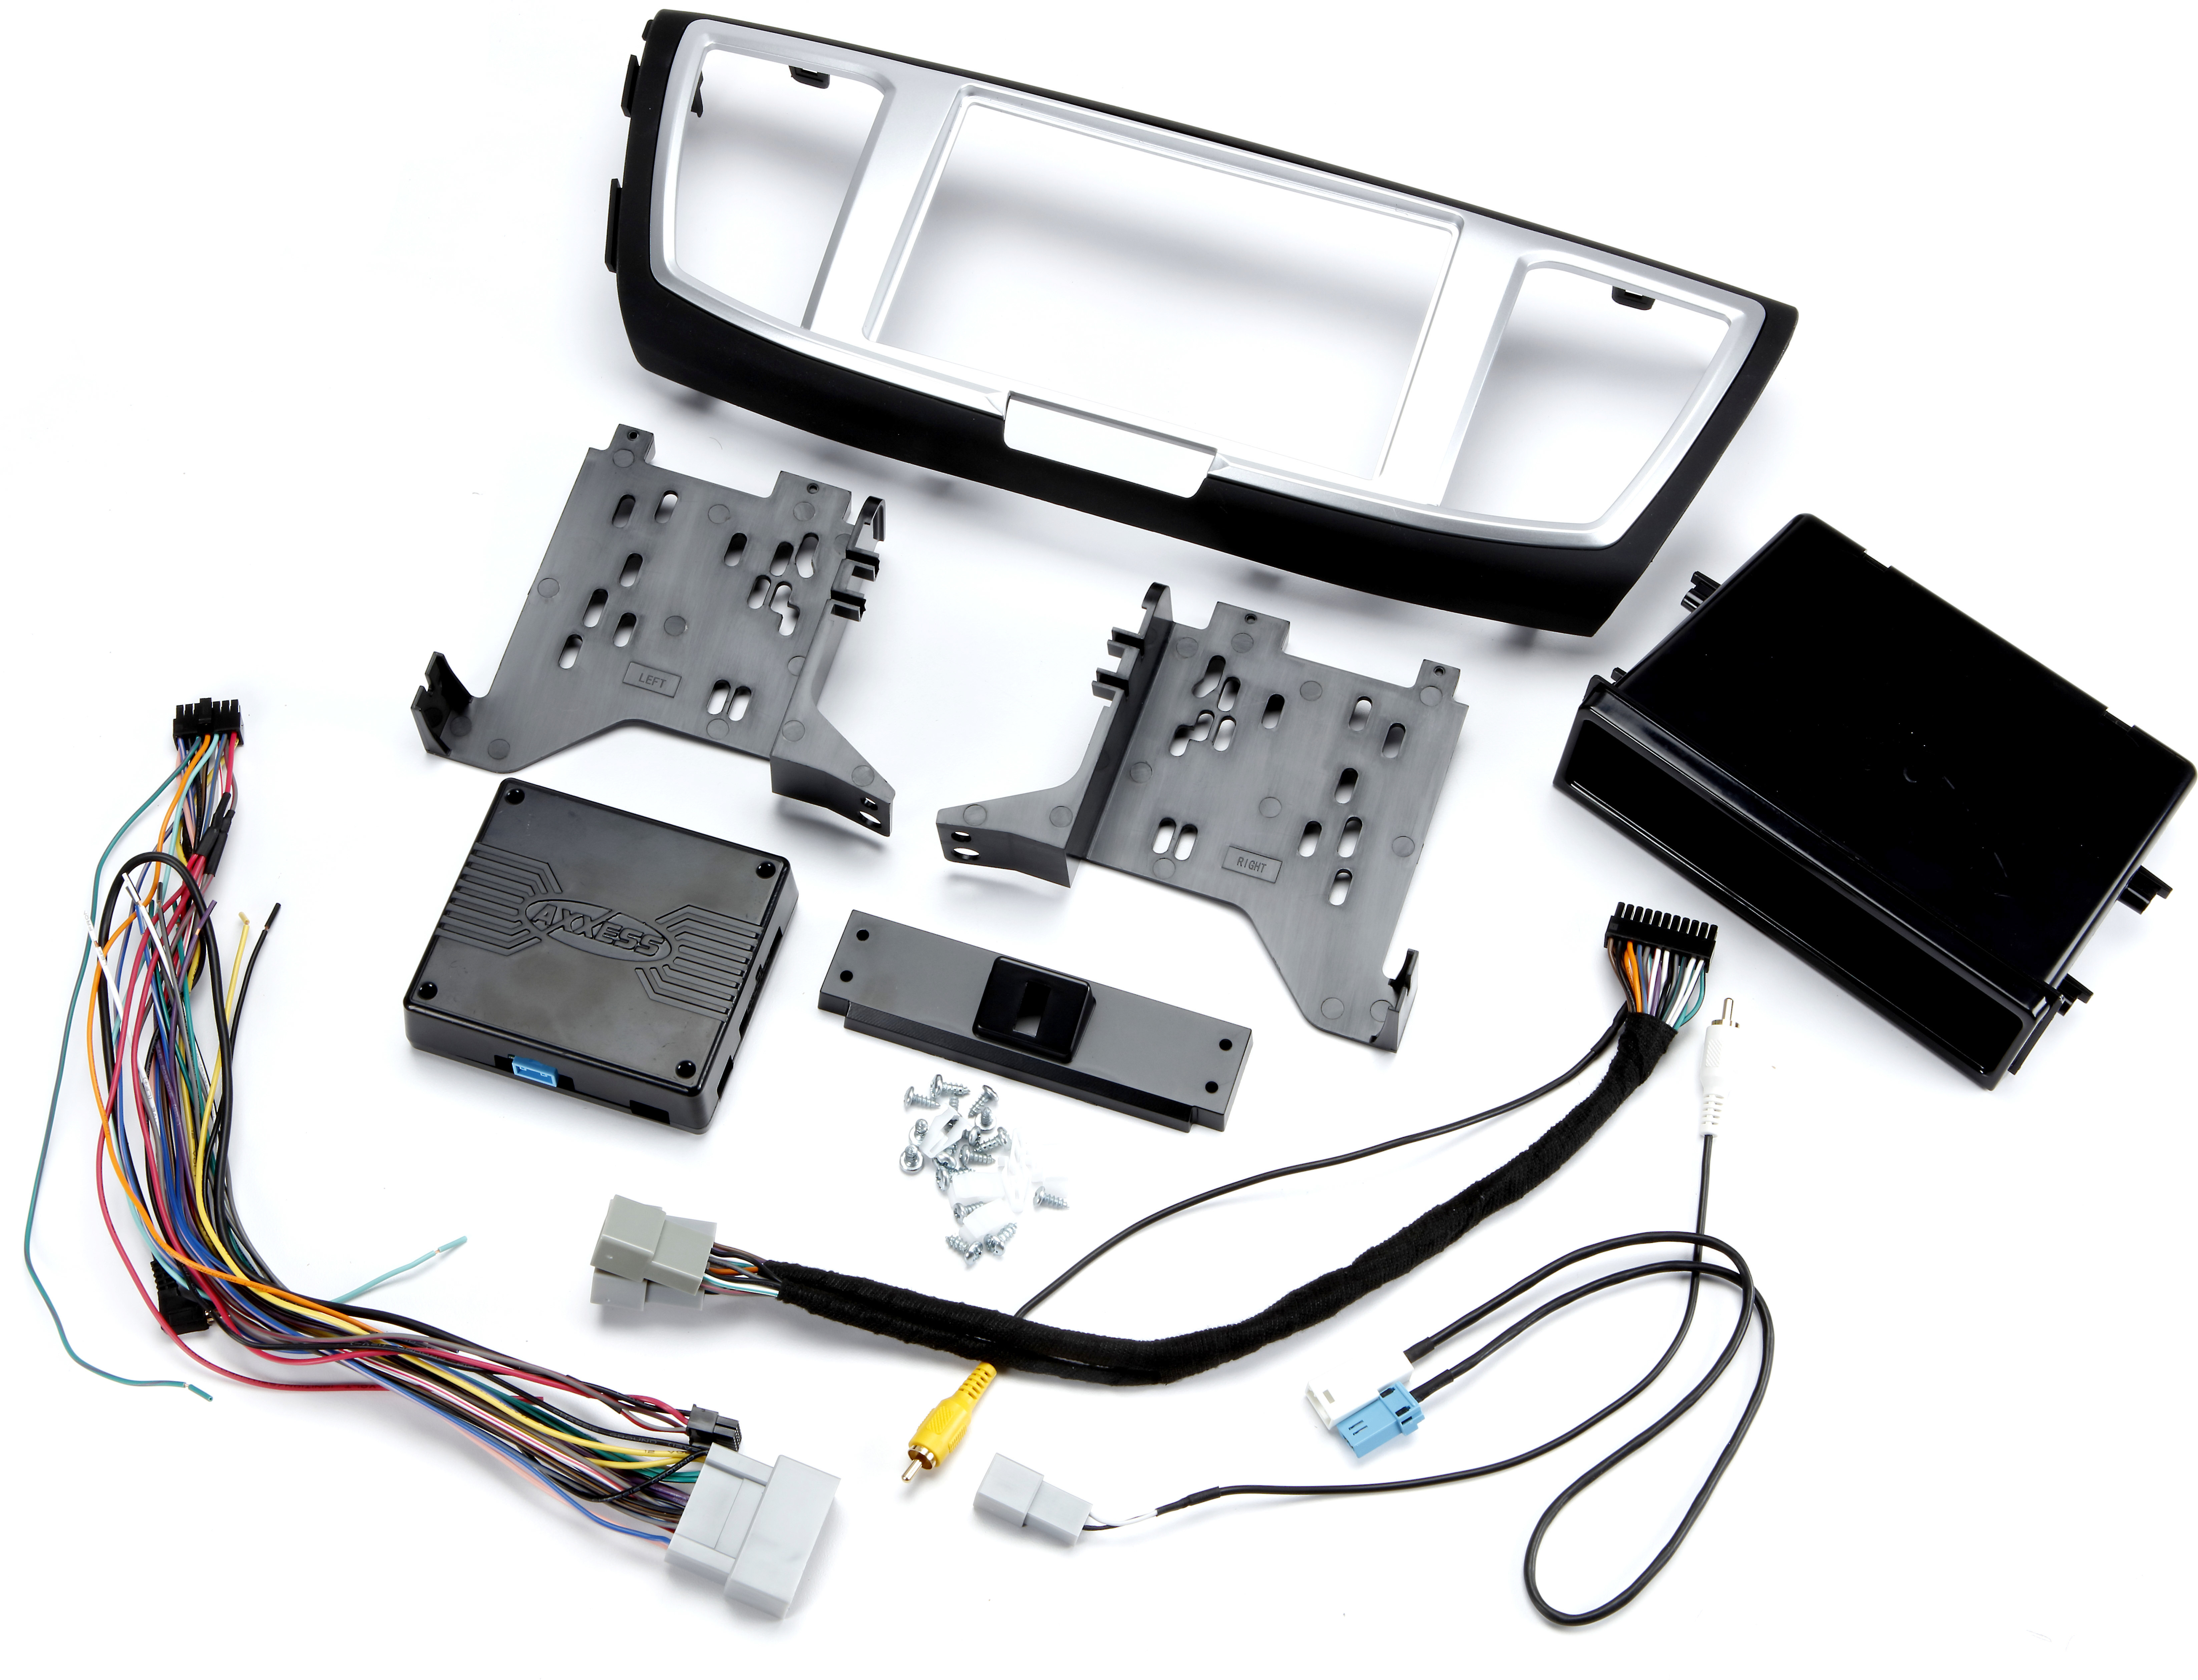 Metra 99-7804 Dash and Wiring Kit (Matte black/silver)